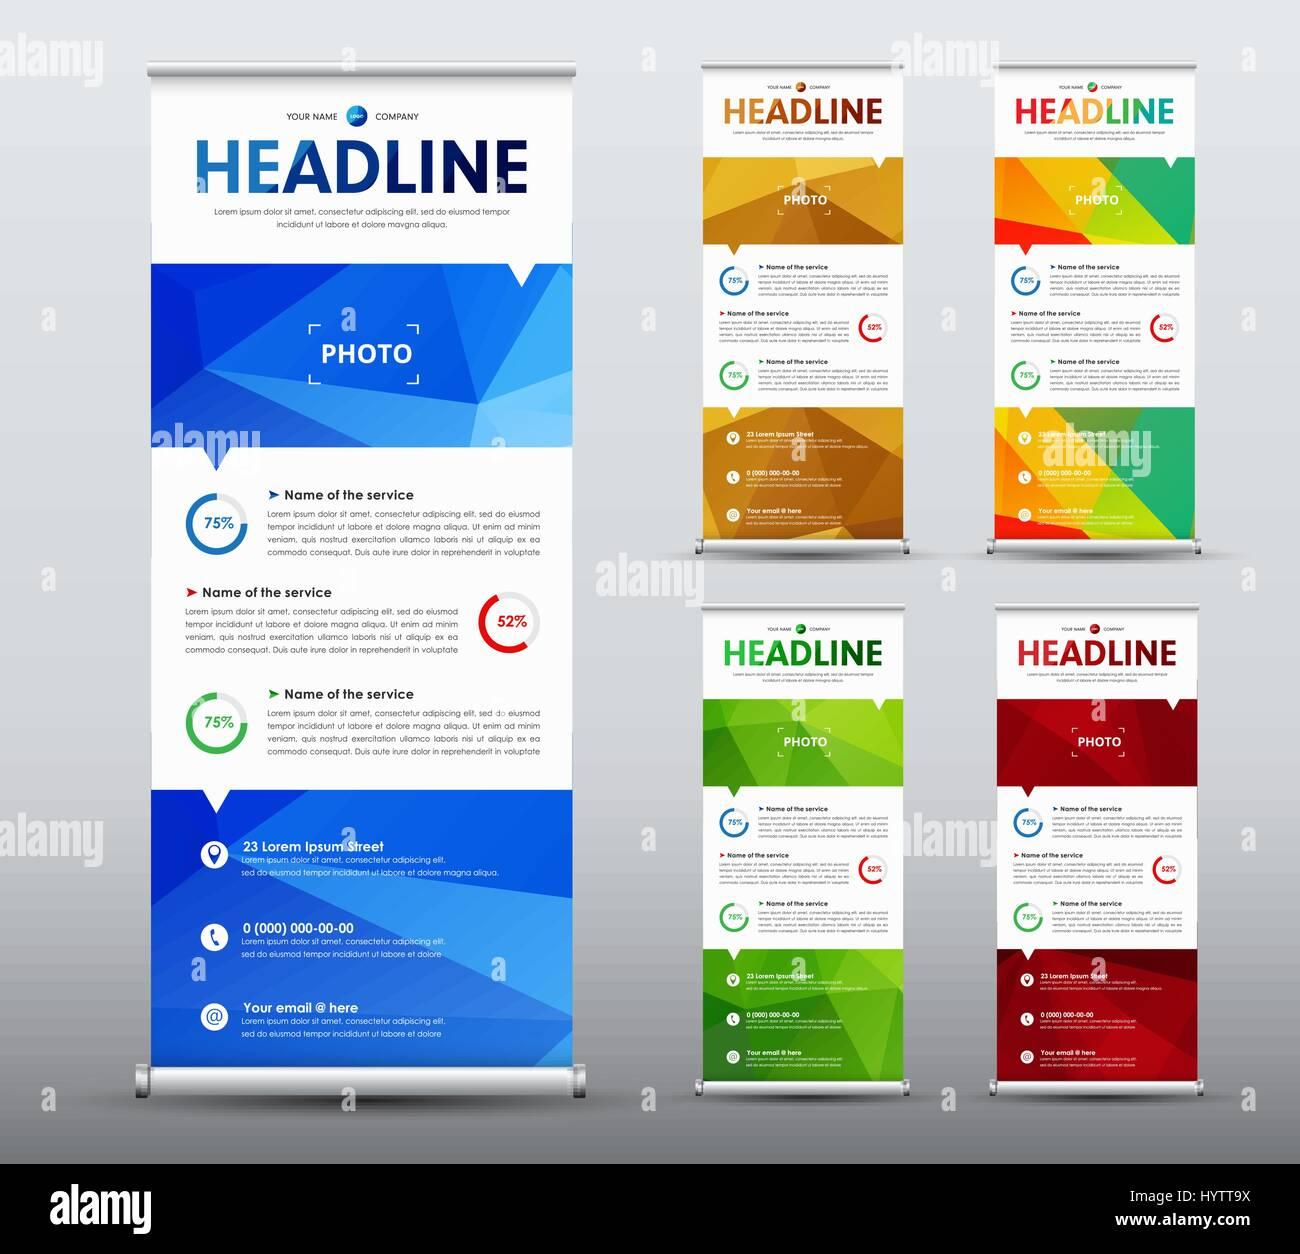 Vertical Roll Up Banner Design A Business Brochure Template With - Business brochure template